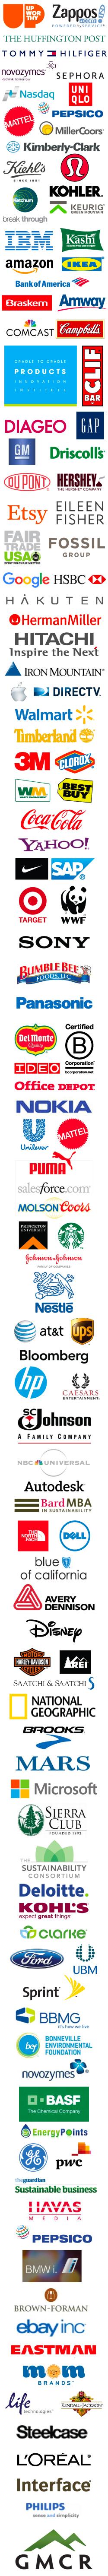 SB17 Logos